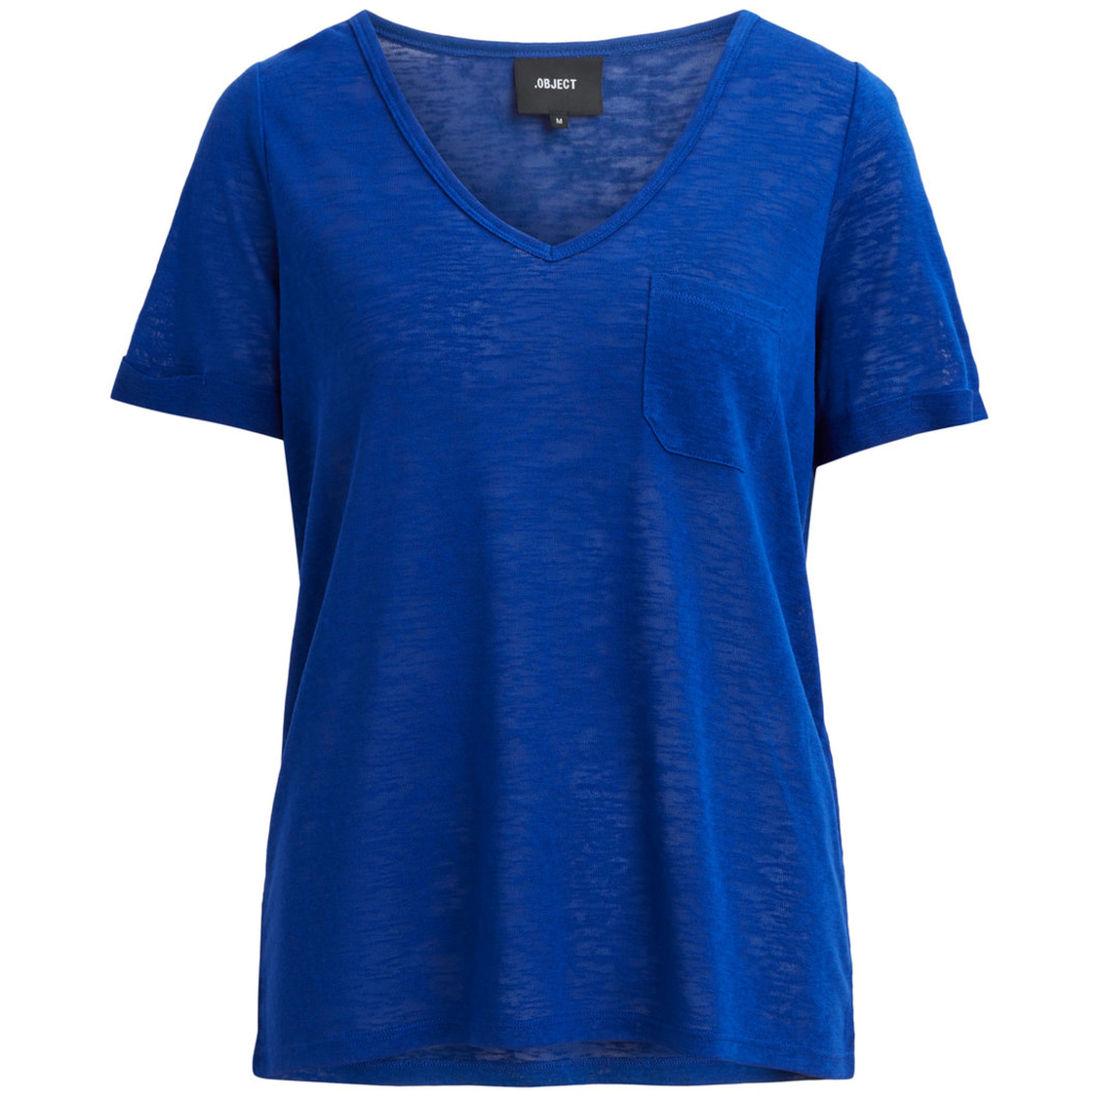 Object t-shirt 23026968 in het Kobalt